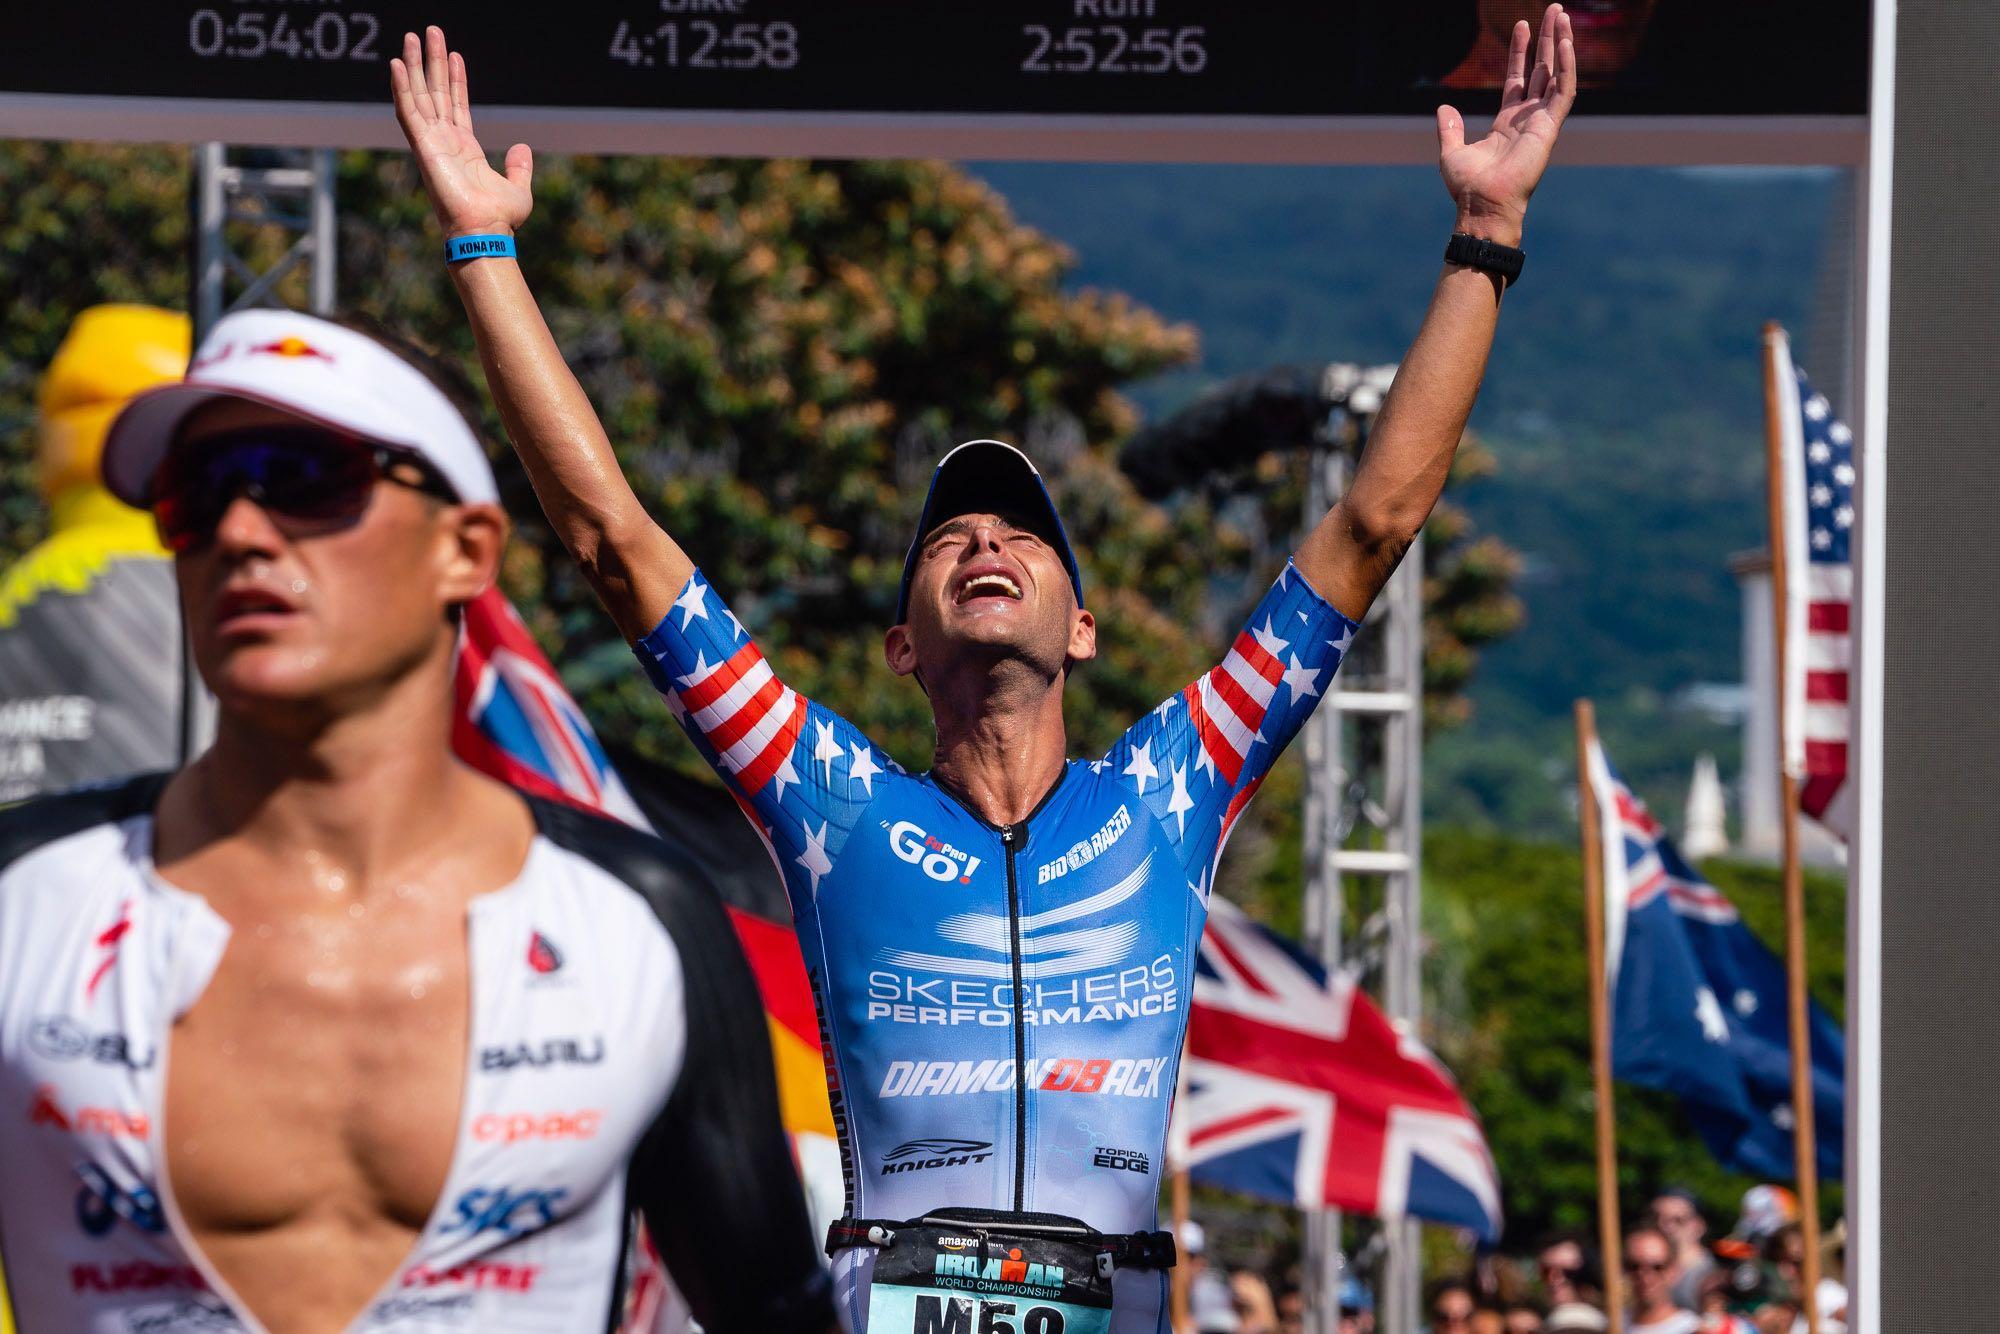 Matt Russel @ 2018 Ironman Kona, Hawaii